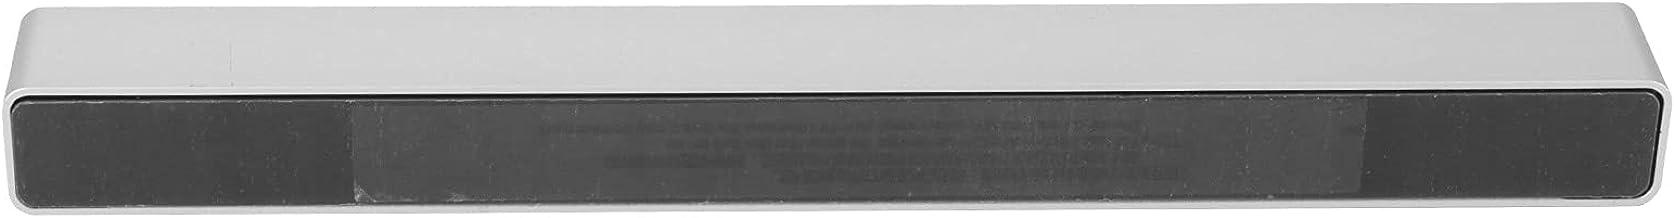 Ljudkontroll Rytmljus, Rytmljus Mode Ljudkontroll Färgrikt ljus USB Drivs med USB -kabel för bildekoration för sängbord